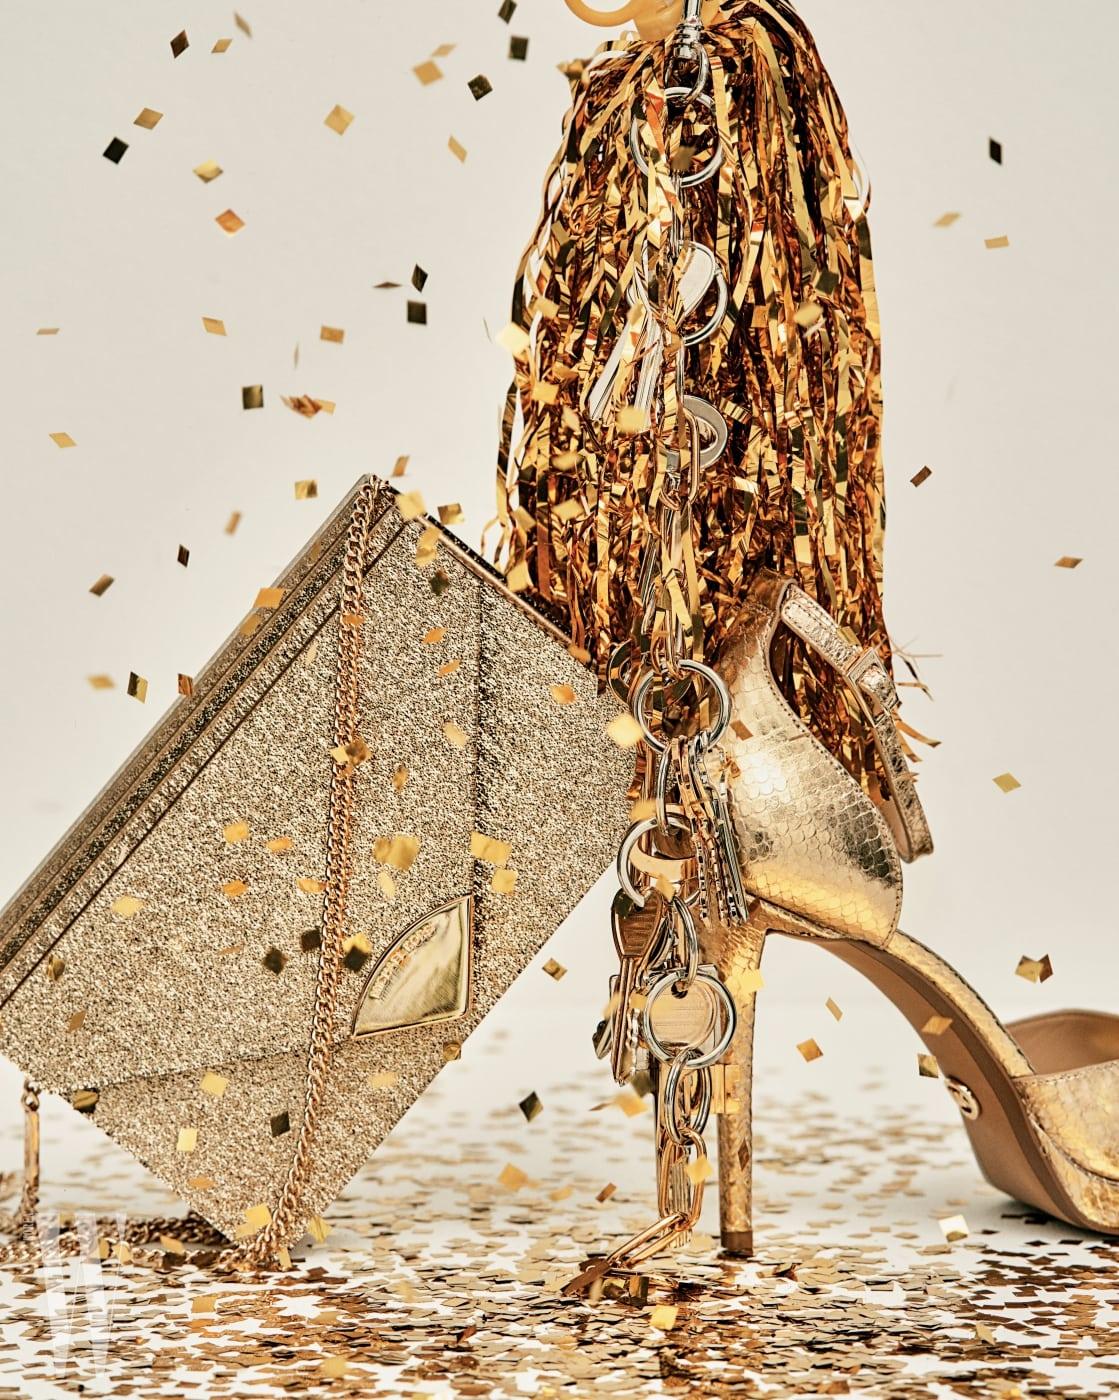 반짝이는 펄 장식 체인 클러치는 39만원, 금색 파이톤 샌들 힐은 가격 미정. 모두 마이클 마이클 코어스 제품. 열쇠 모티프의 체인 목걸이는 발렌시아가 제품. 1백50만원대.